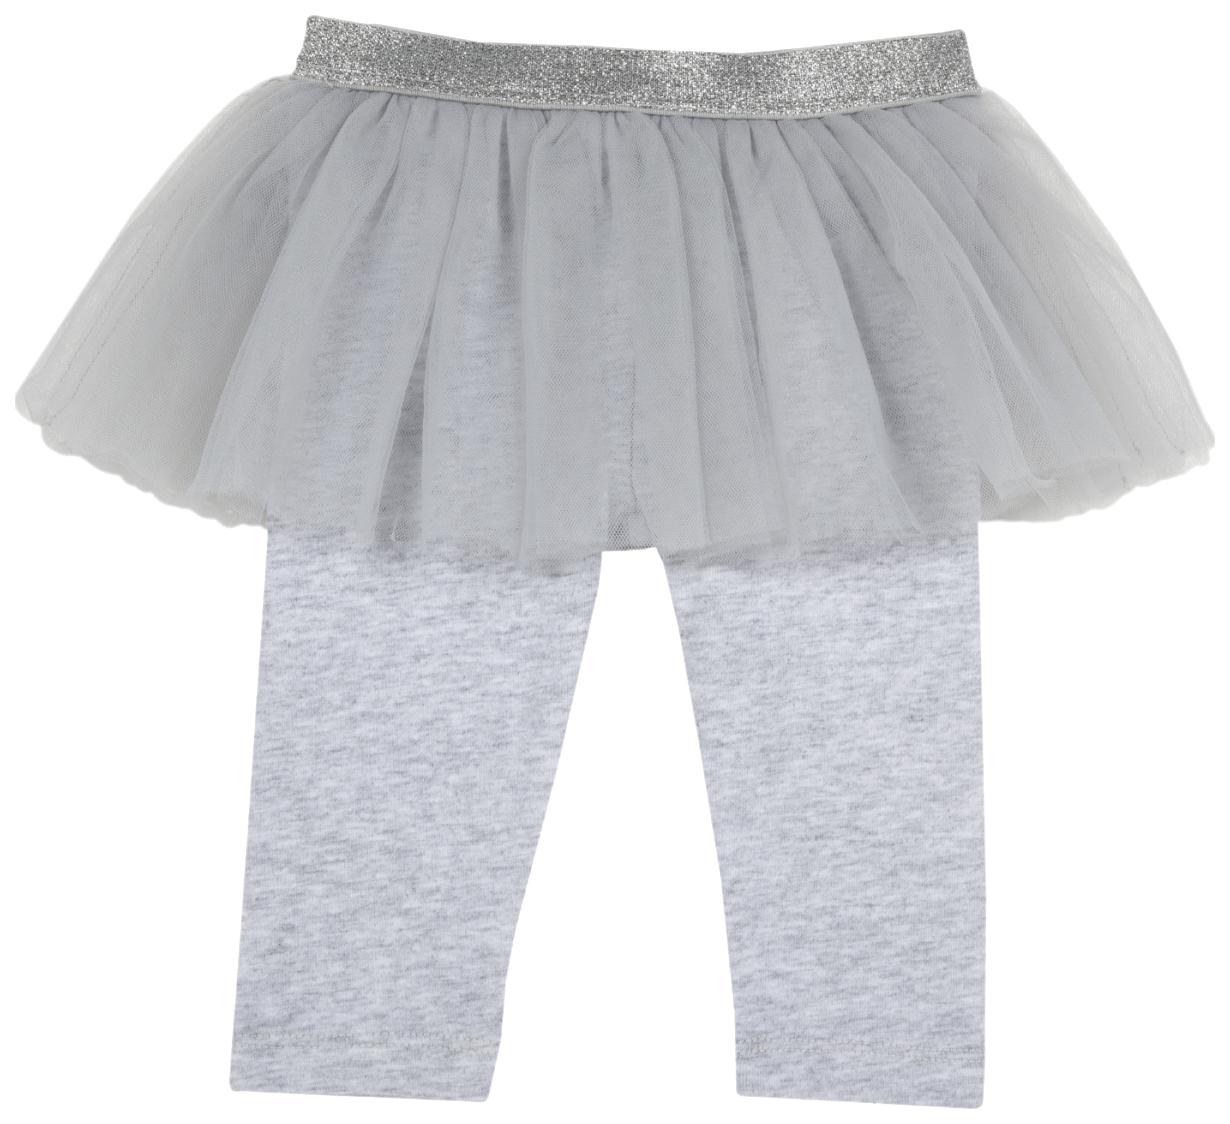 Купить 102856-M, Леггинсы Chicco с юбкой, размер 086, цвет светло-серый, Детские легинсы